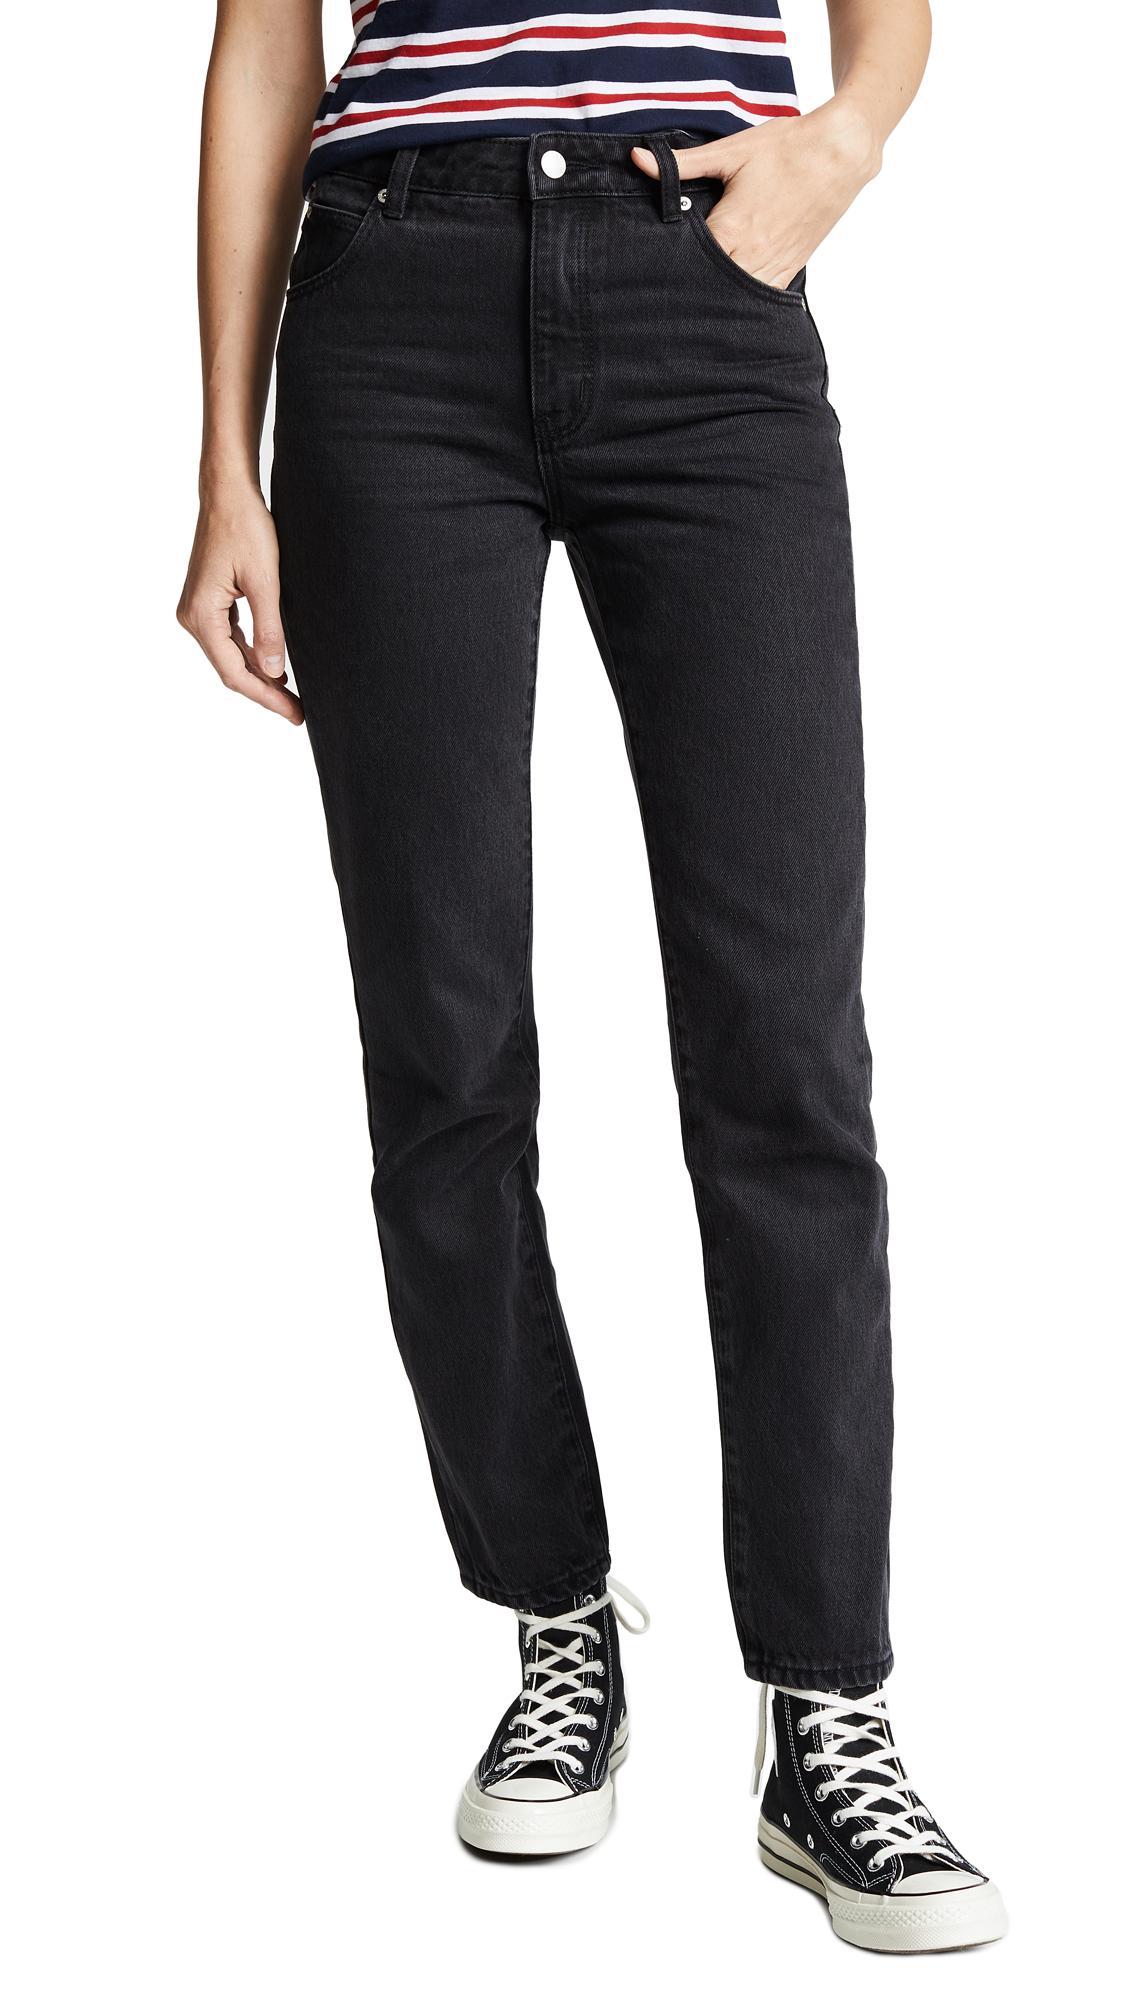 fd5fdd57d0 Rolla's Miller Skinny Jeans In Chrissy Black | ModeSens